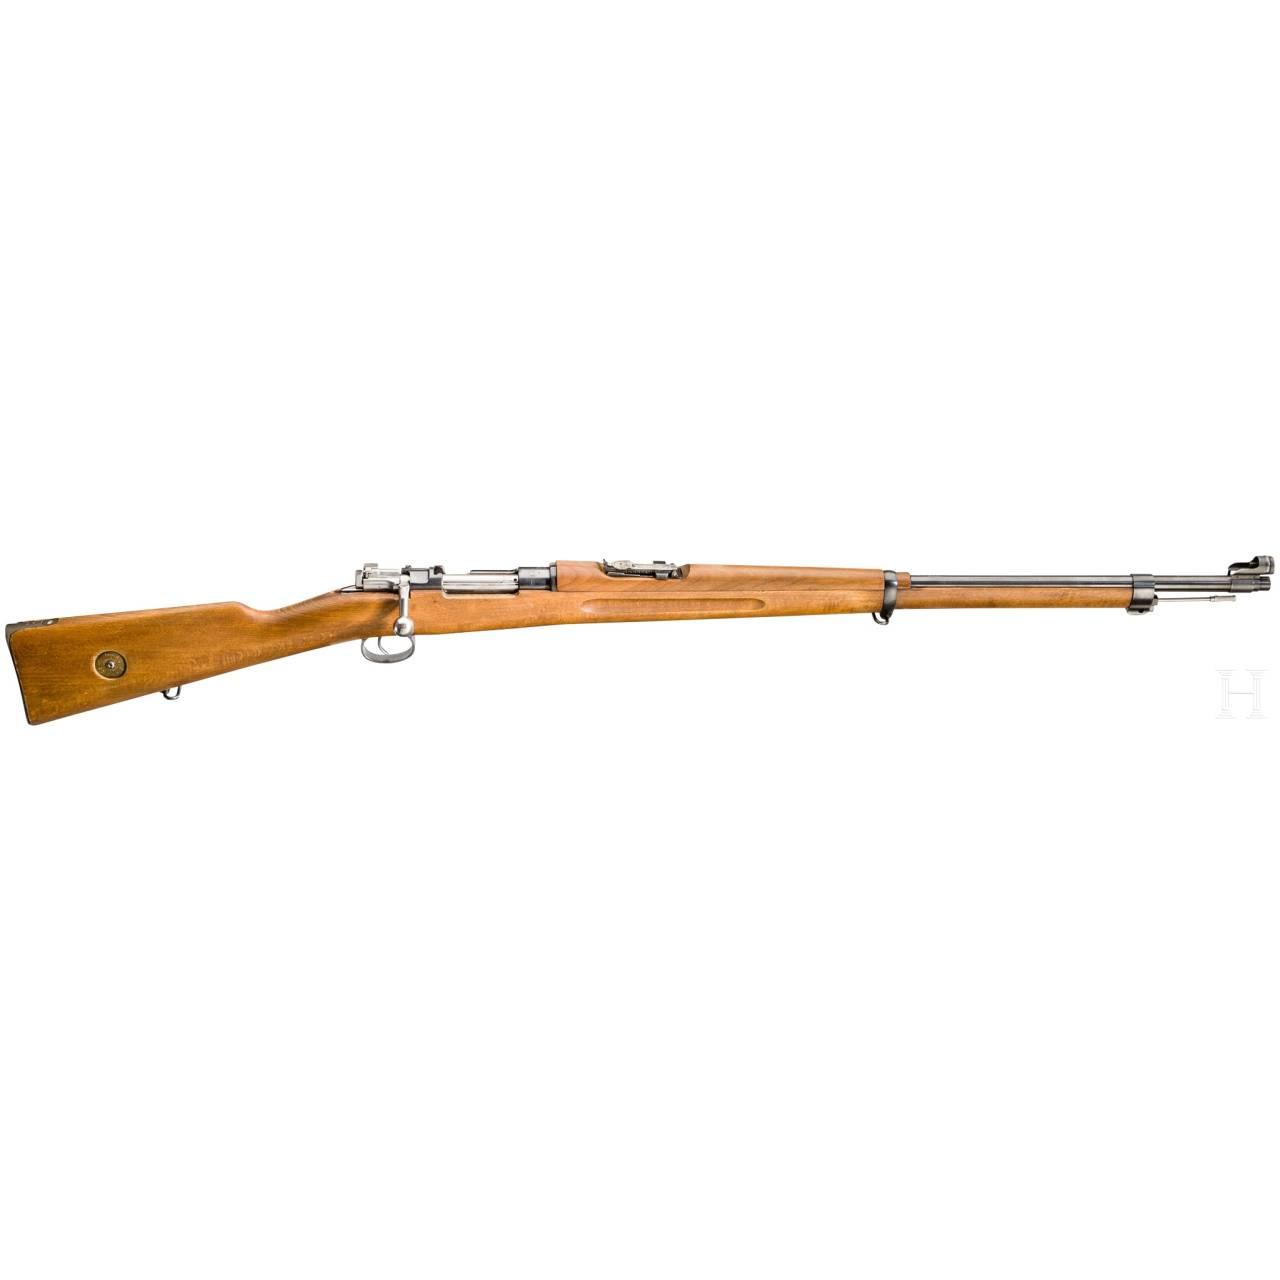 Gewehr Mod. 1986, Carl Gustaf, 1898